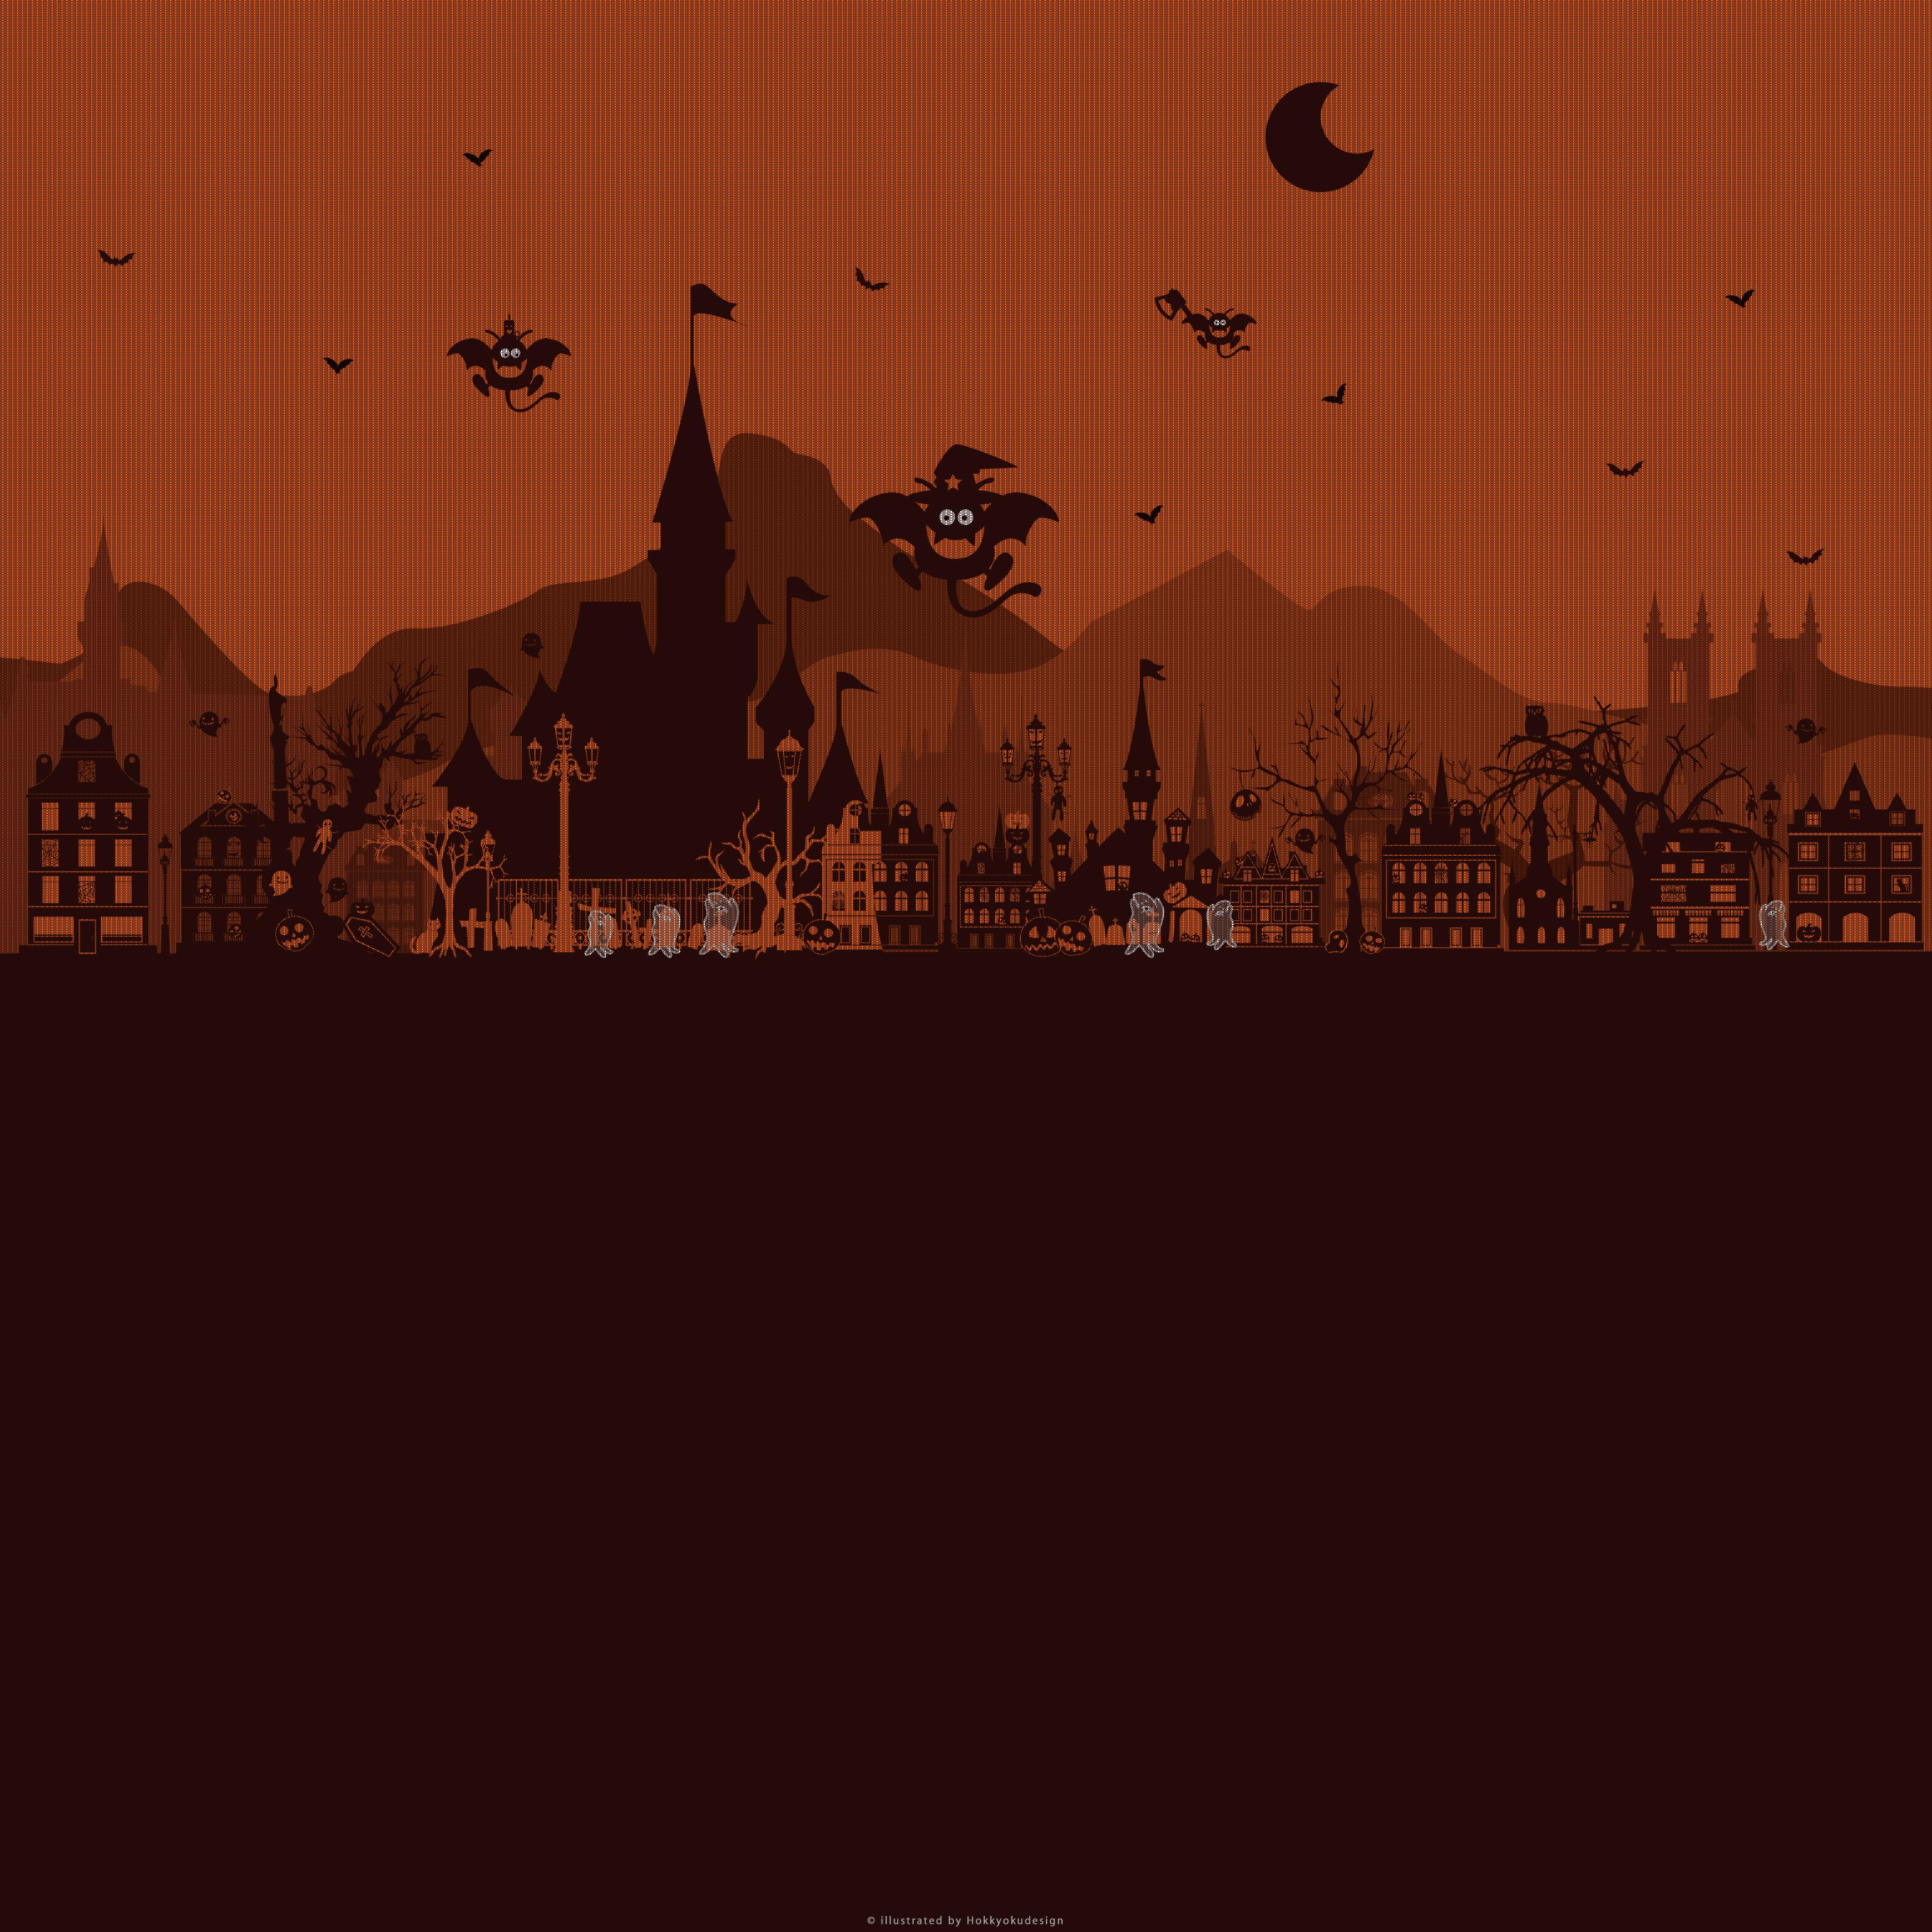 ハロウィン壁紙 ハロウィンタウンの恐怖これがハロウィン Halloween Wallpaper Iphone Android Pc